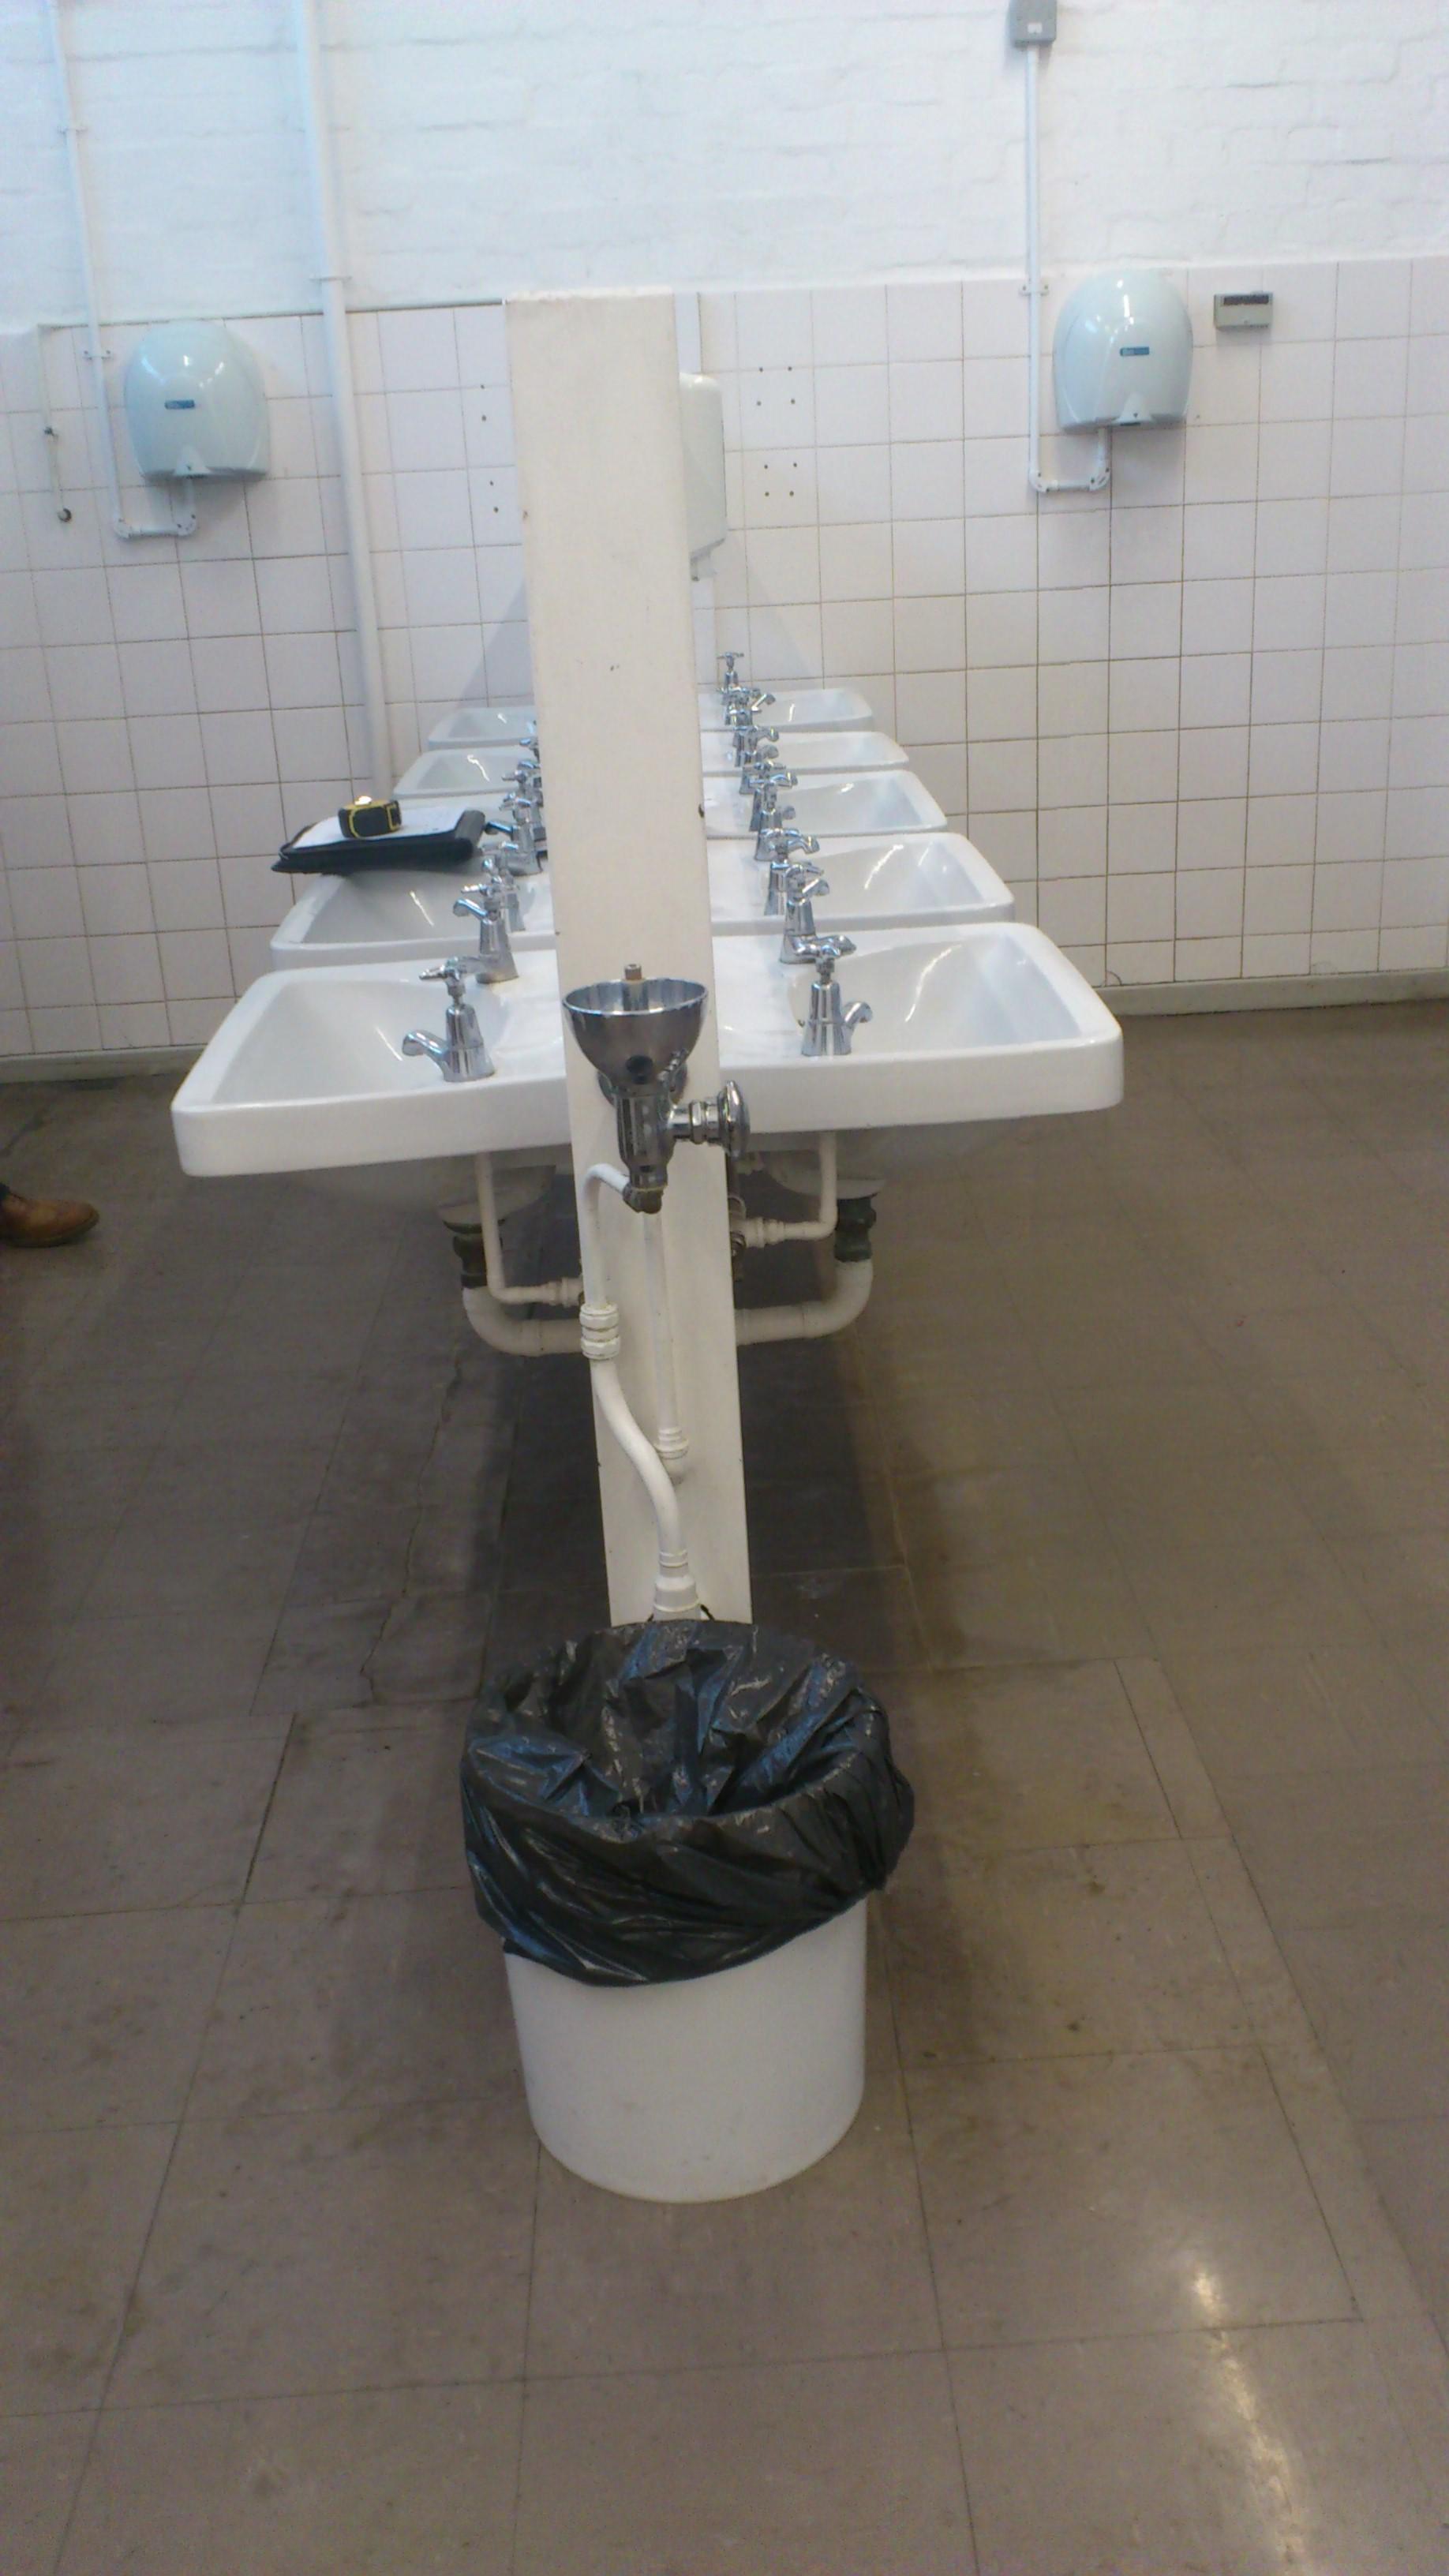 Toilet Refurbishment Kent - Waller Glazing Services in Kent